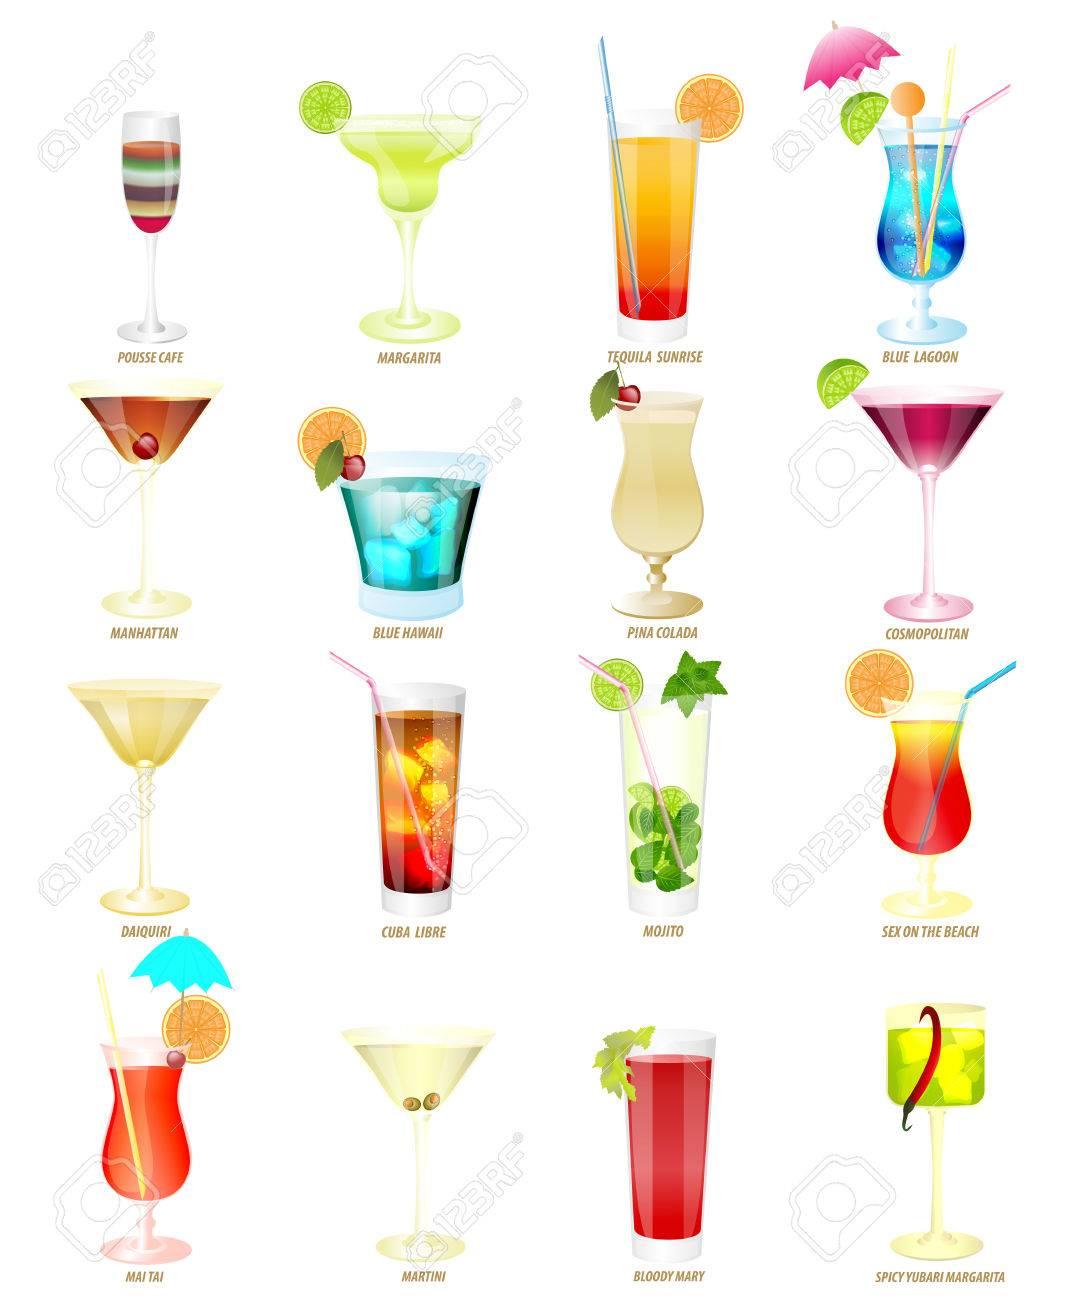 Inspiring Beliebte Cocktails Collection Of Sechzehn Beliebtesten Auf Weißem Hintergrund. Standard-bild -